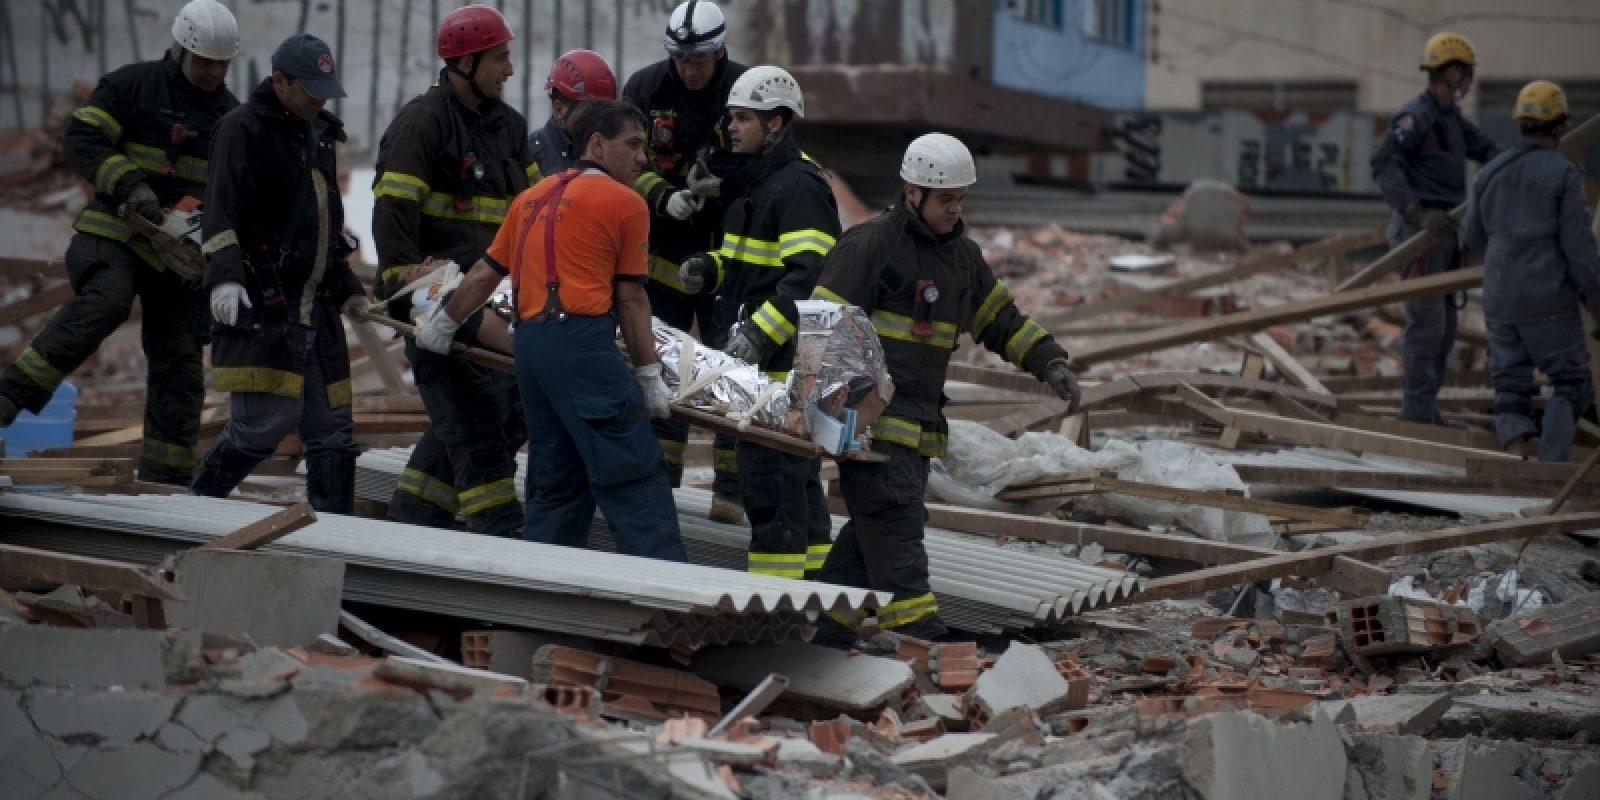 Segundo o Águia da PM, havia entre 30 e 50 pessoas no local | Marcelo Camargo/ ABr